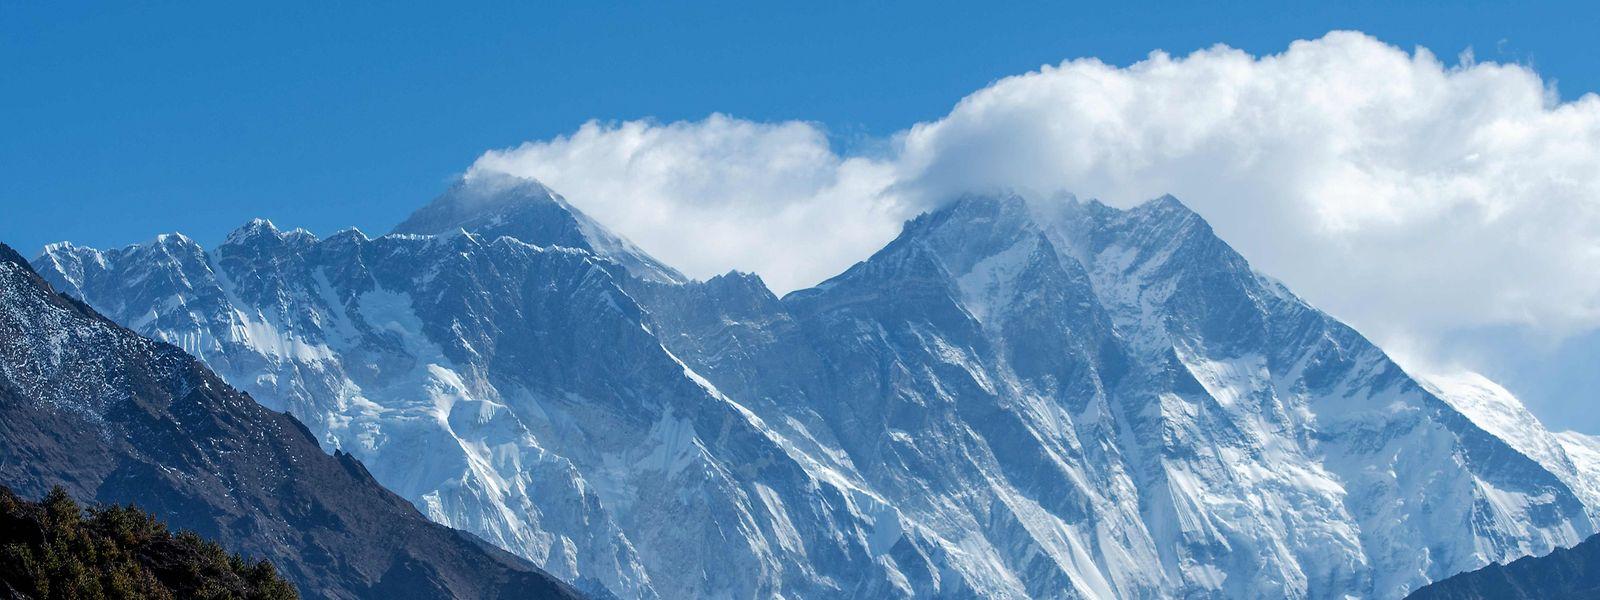 Der Mount Everest - ebenso tückisch wie faszinierend.